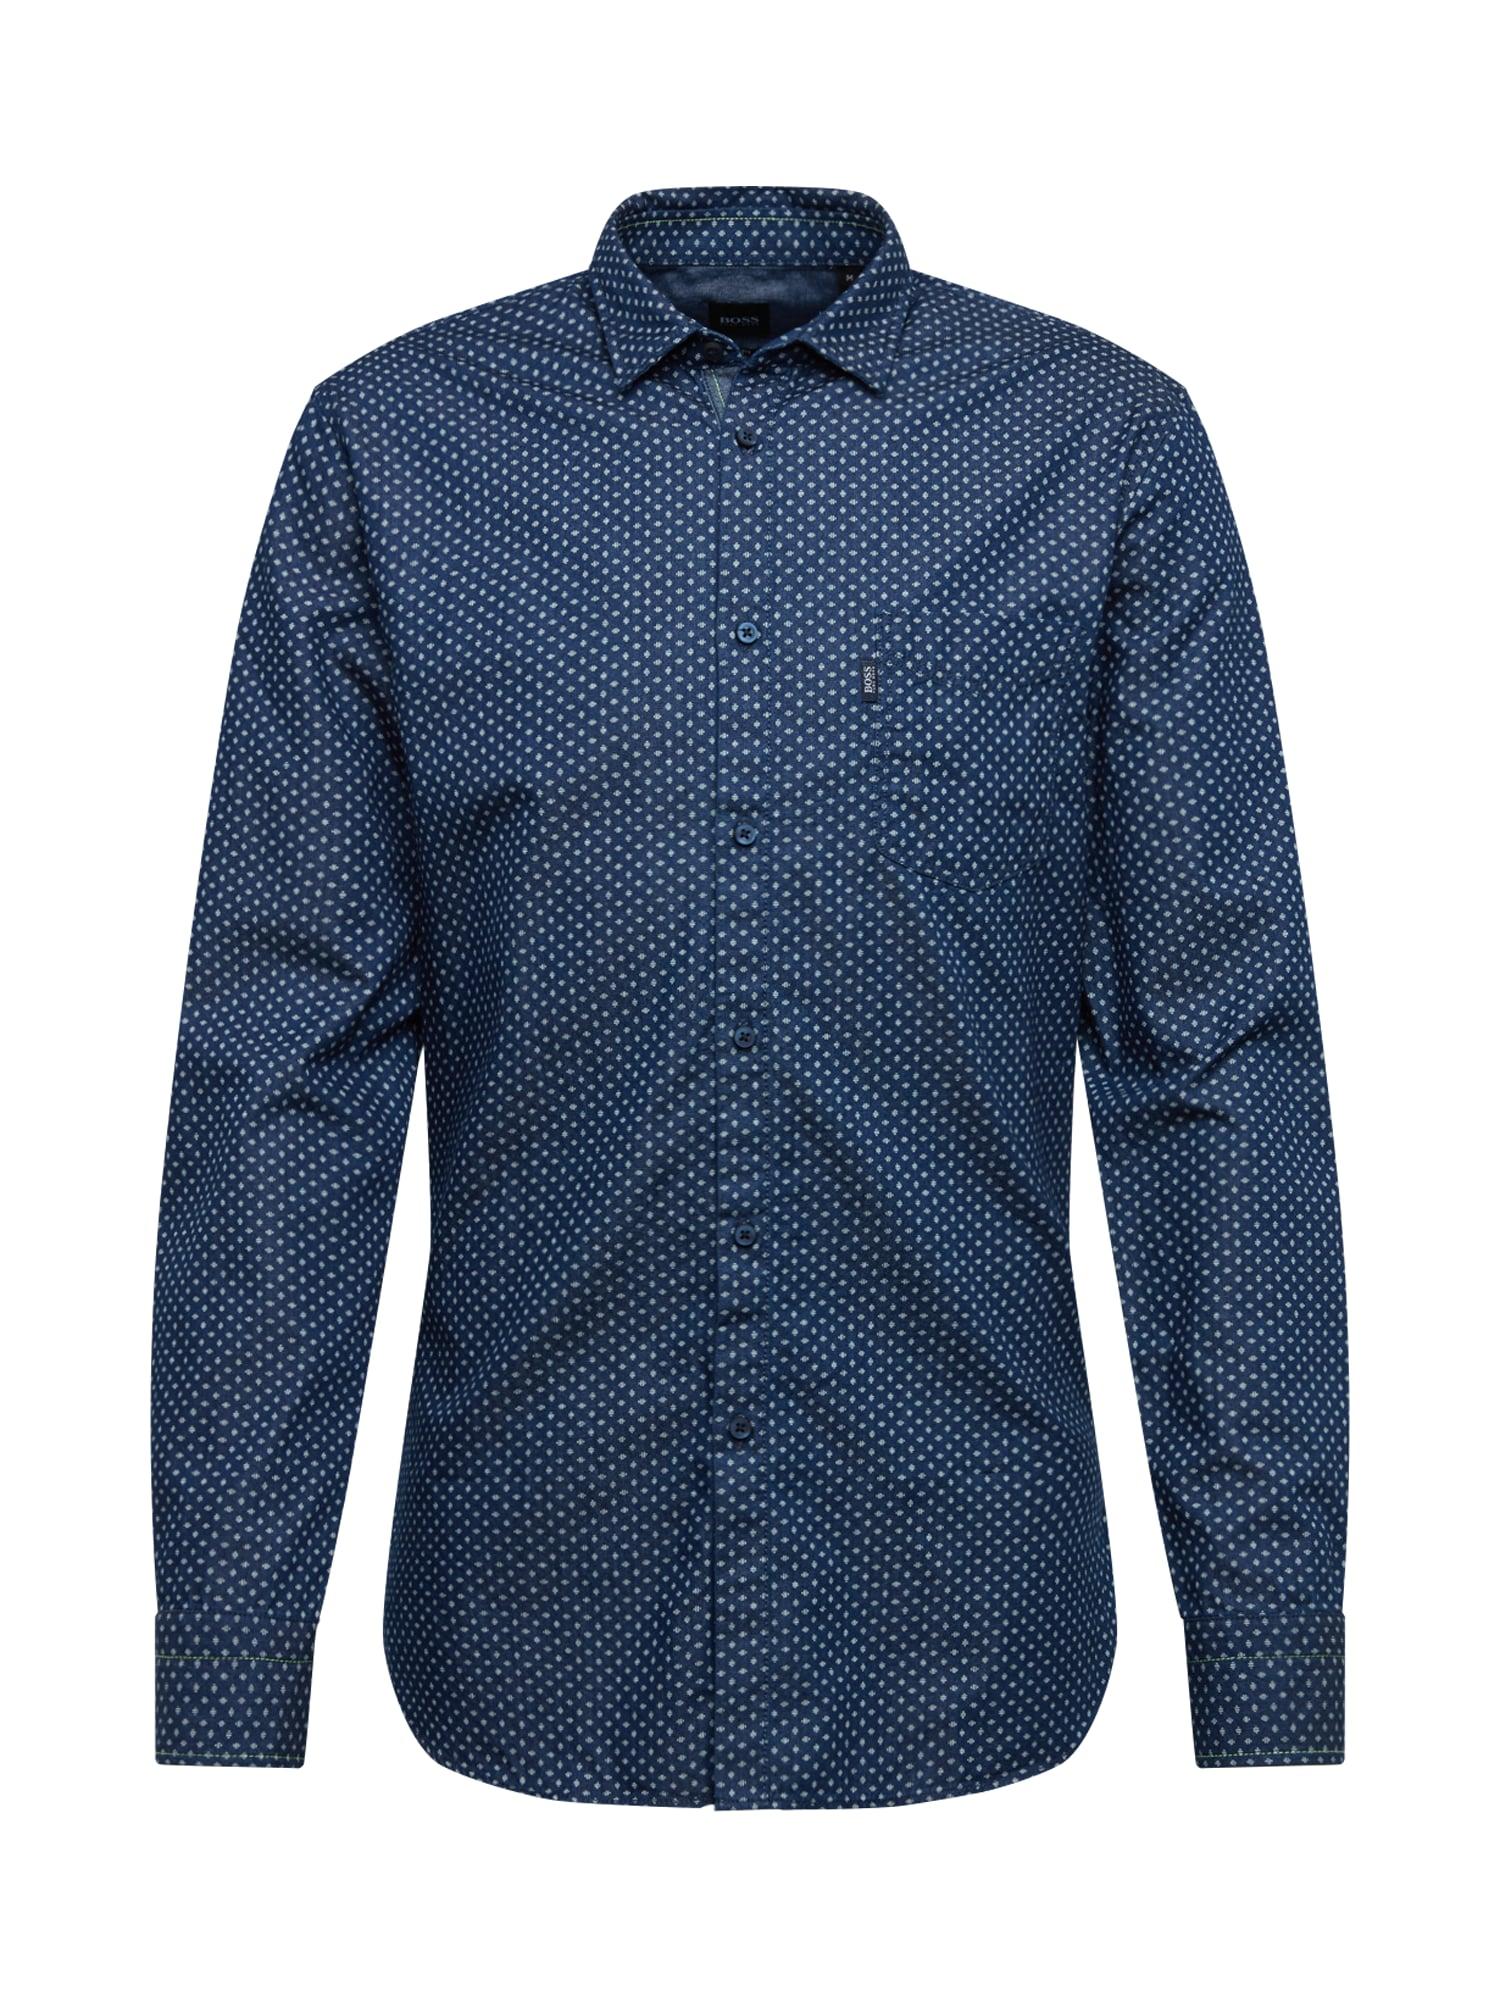 BOSS Dalykiniai marškiniai 'Magneton_1' mėlyna